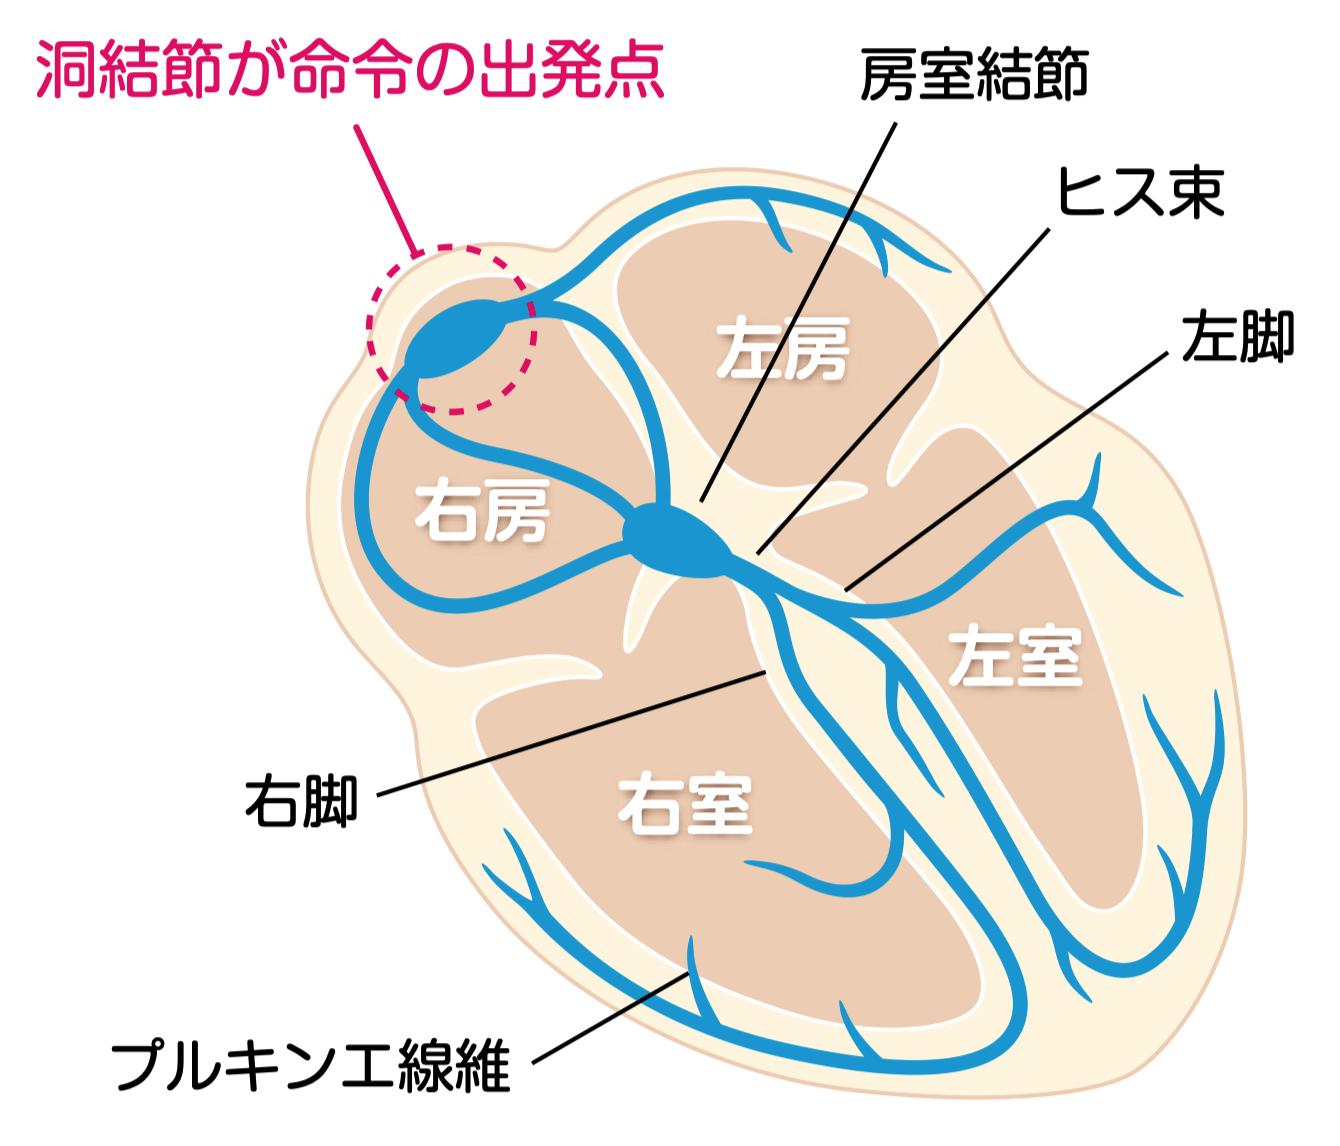 画像:これだけ心電図p11, 日本医事新報